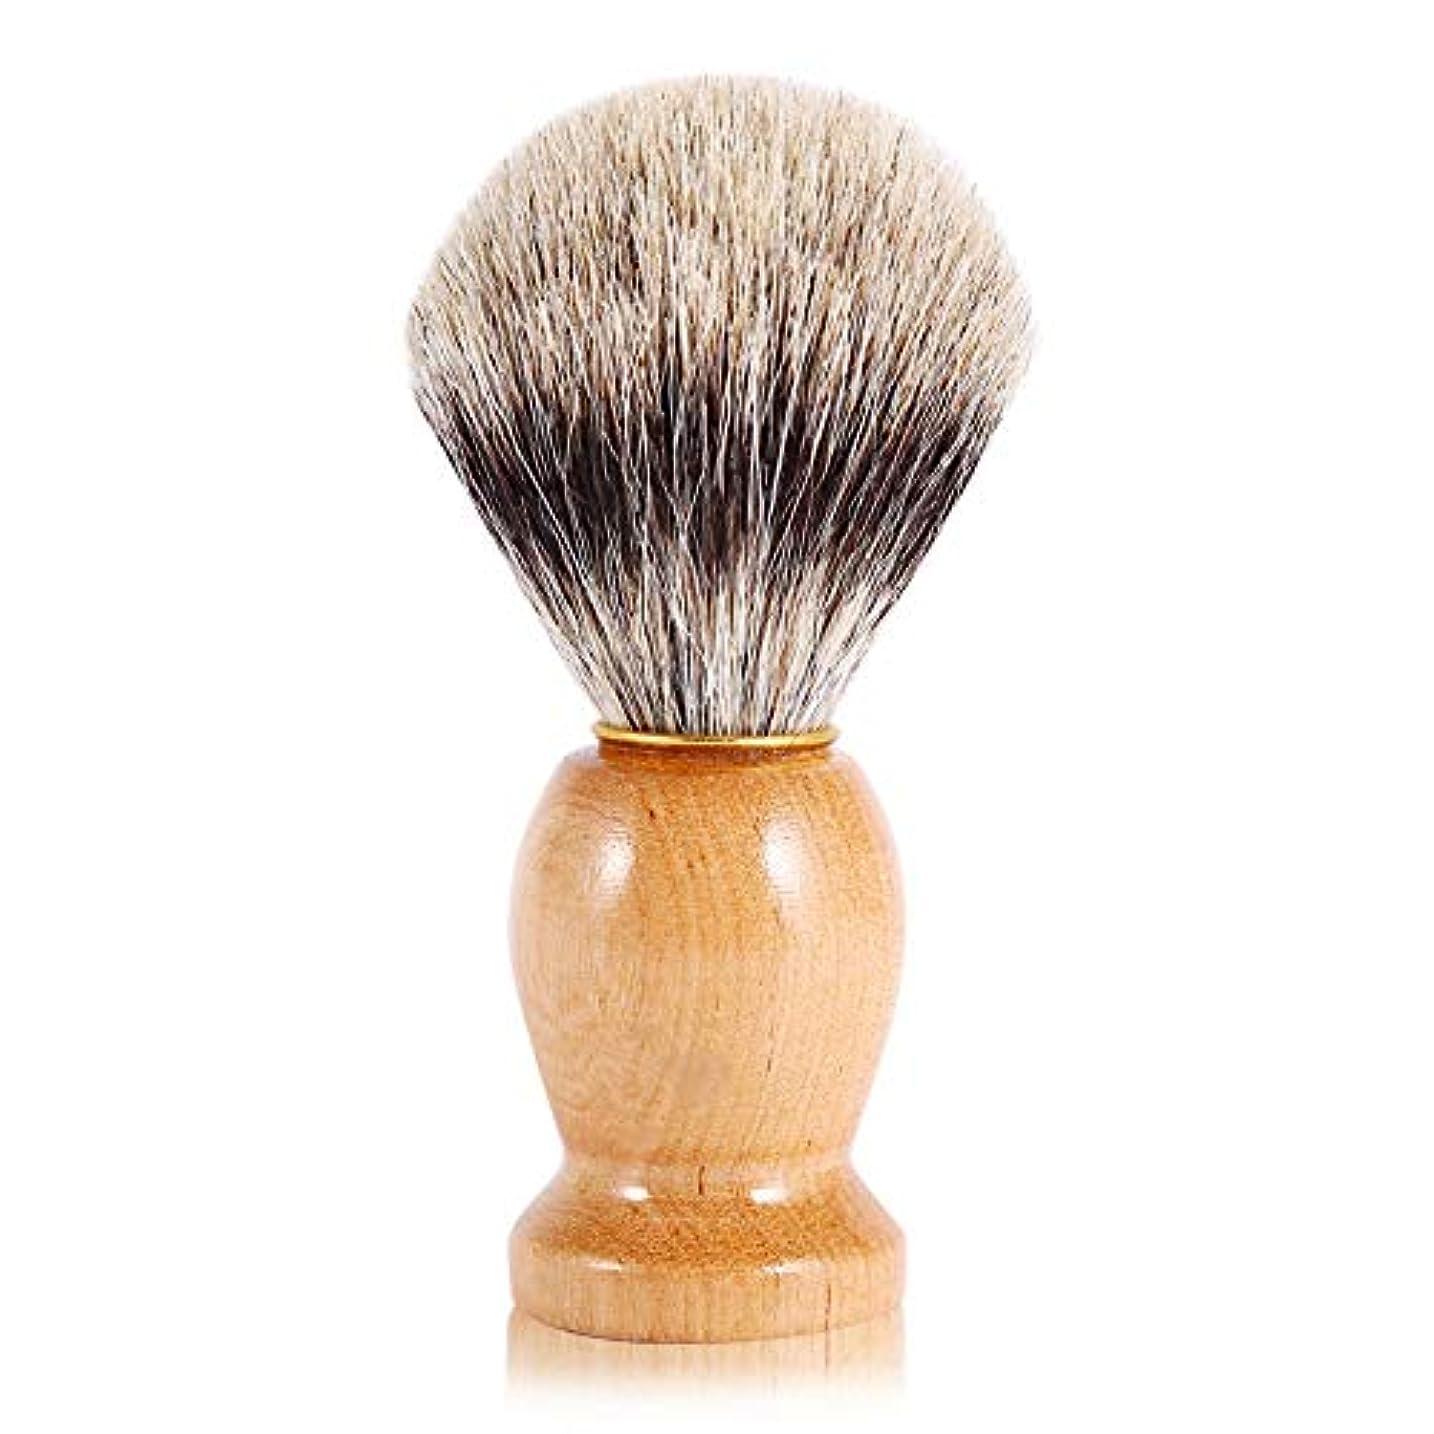 求めるラテン最初はQinlorgo シェービングブラシ メンズ シェービングブラシ あご髭シェービングブラシ フェイシャルクリーニングブラシ バーバーサロンツール 男性用髭剃り用